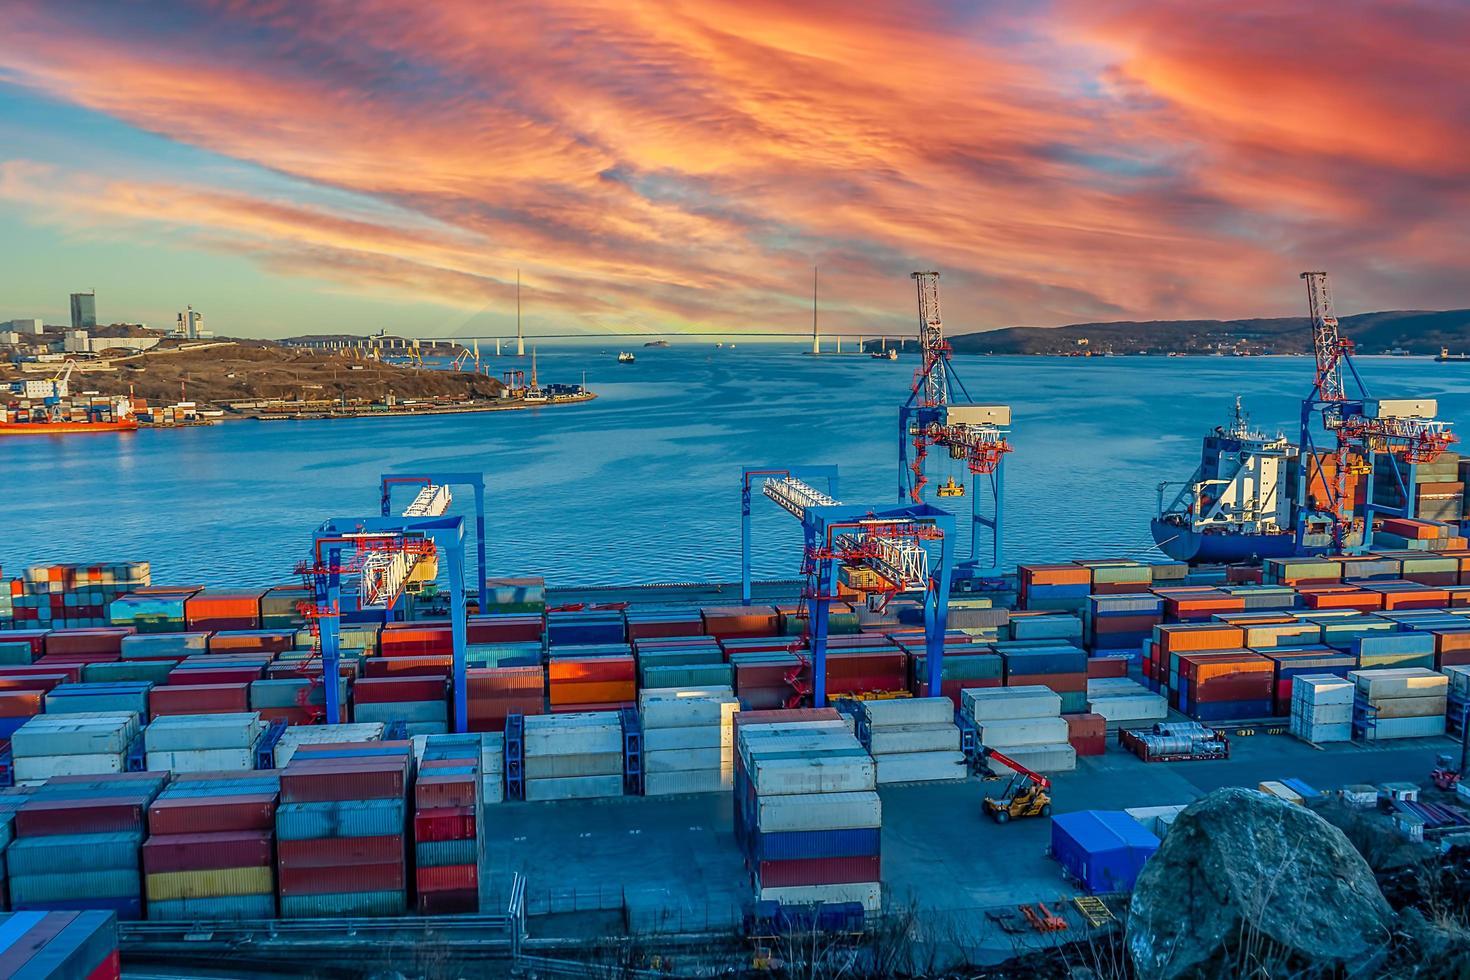 paesaggio industriale con vista sul porto foto